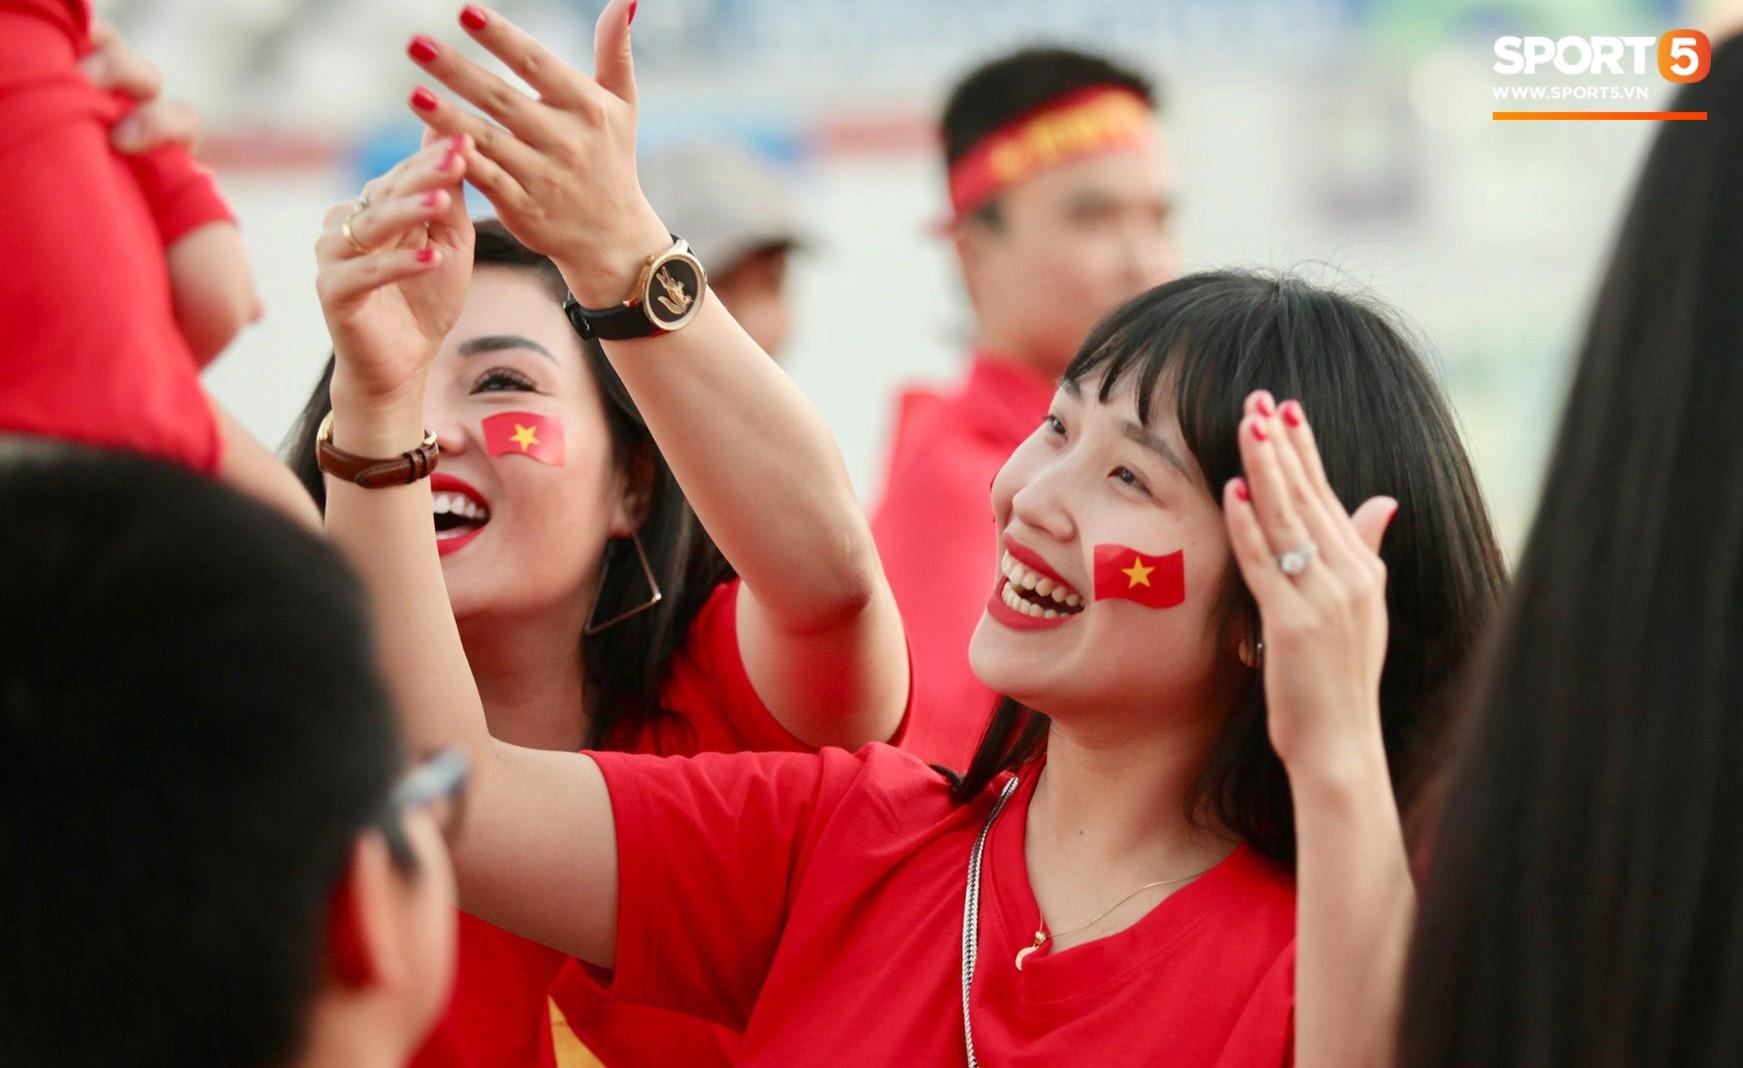 Cổ động viên Sài Gòn tiếp lửa cho đội tuyển Việt Nam lúc nửa đêm-1